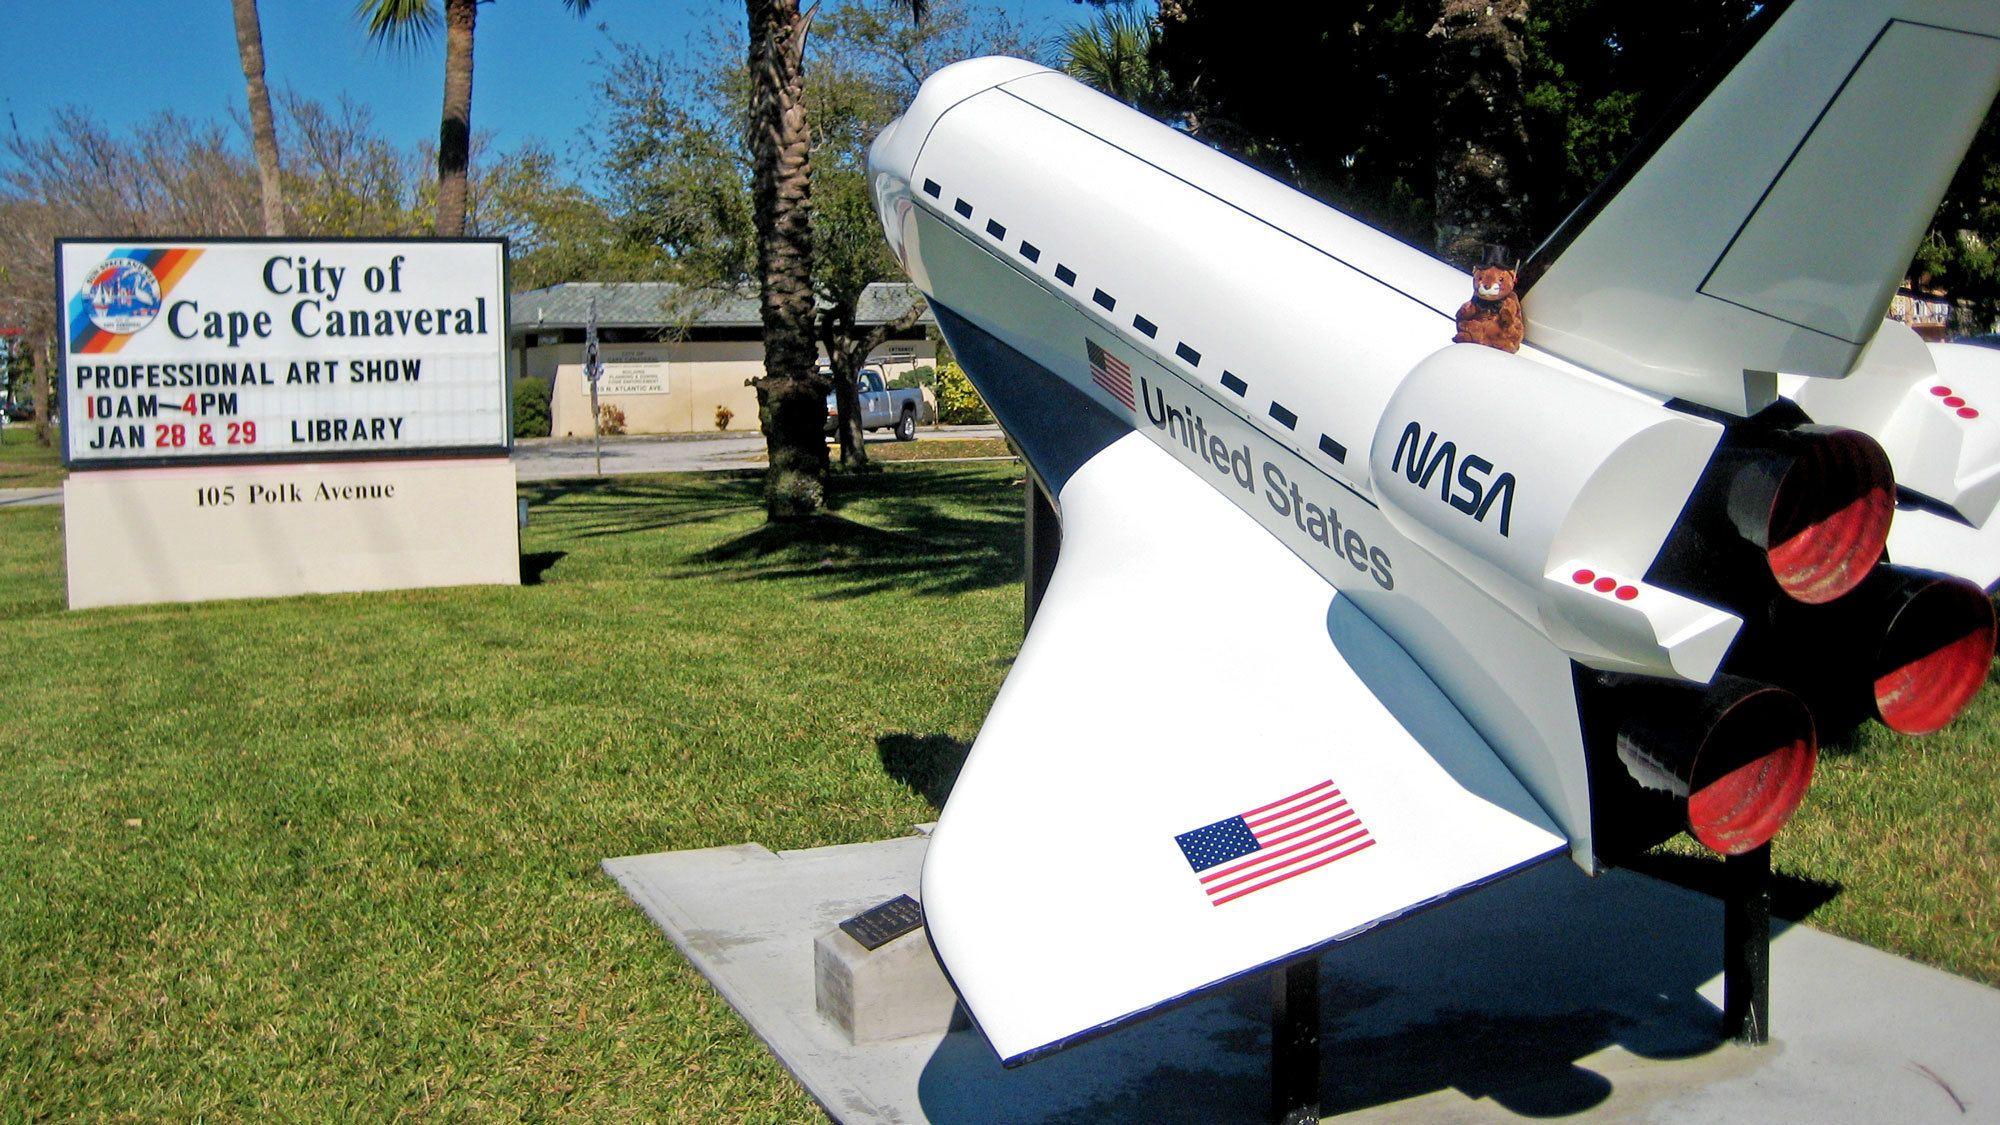 small shuttle model near a road sign in Miami